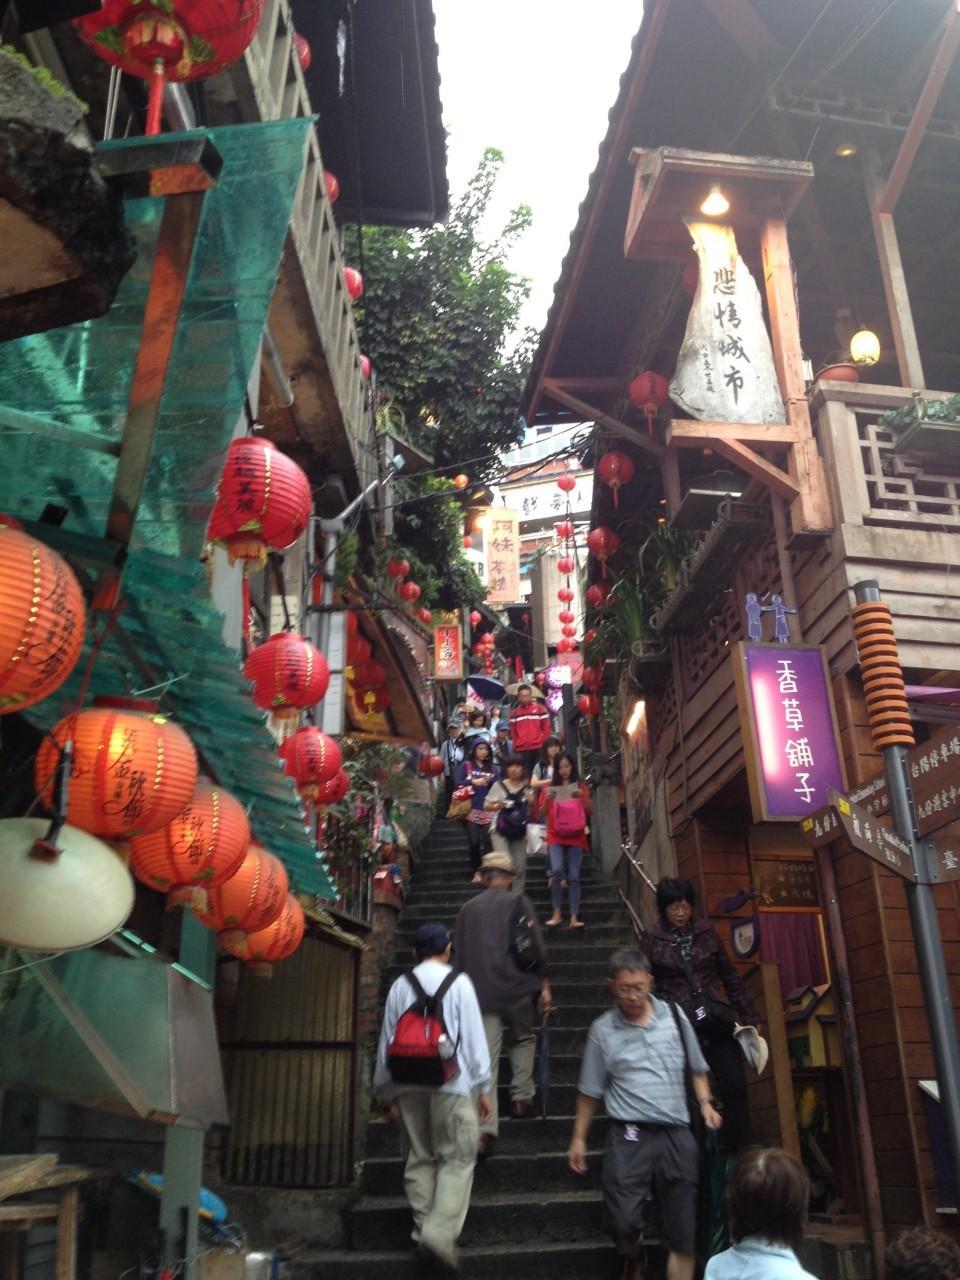 【Taipei Day Tour】Graduation trip to Jiufen